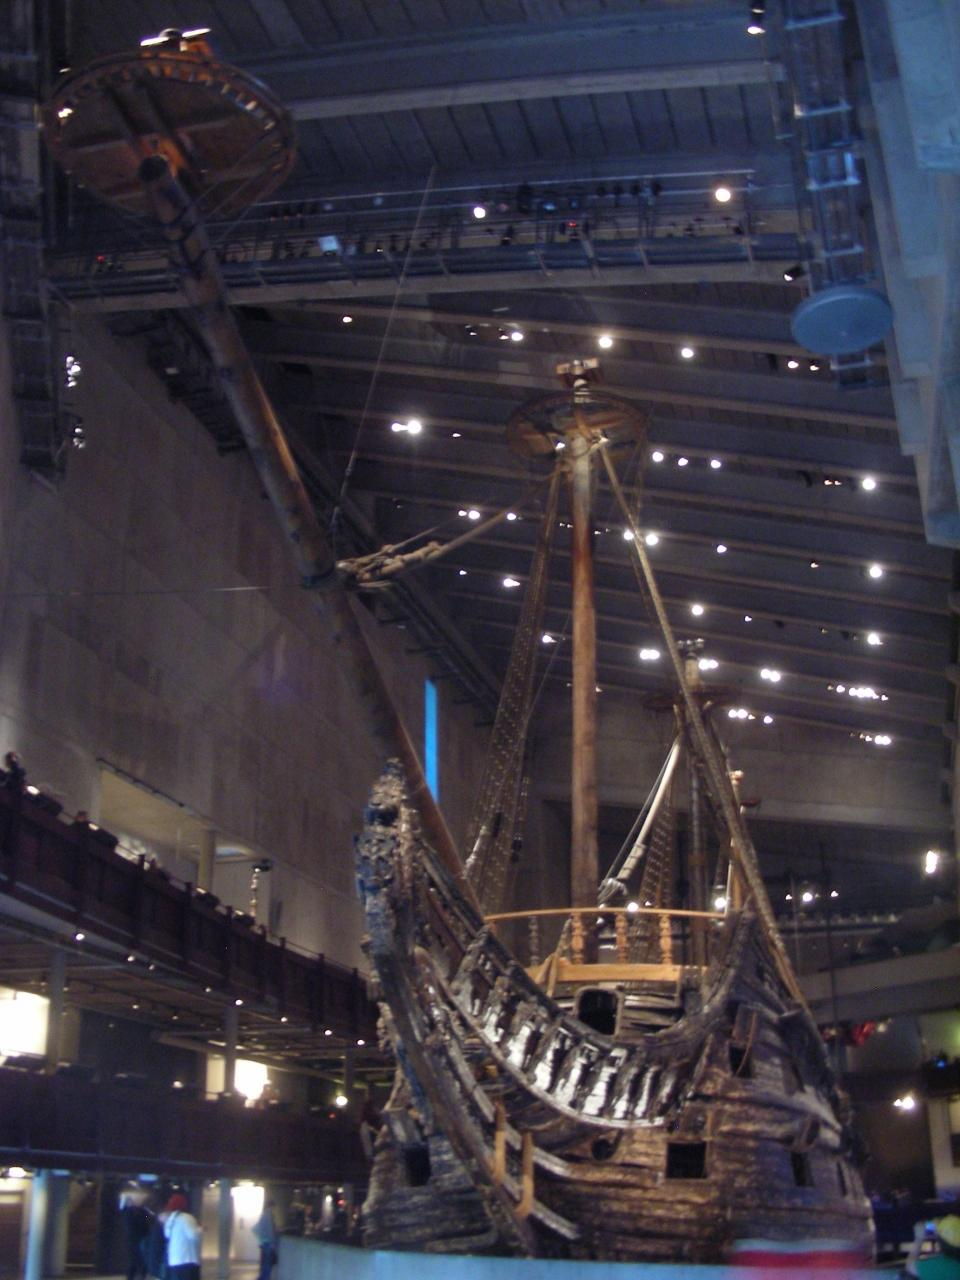 1306スウェーデン~ヴァーサ号博物館』ストックホルム(スウェーデン)の ...